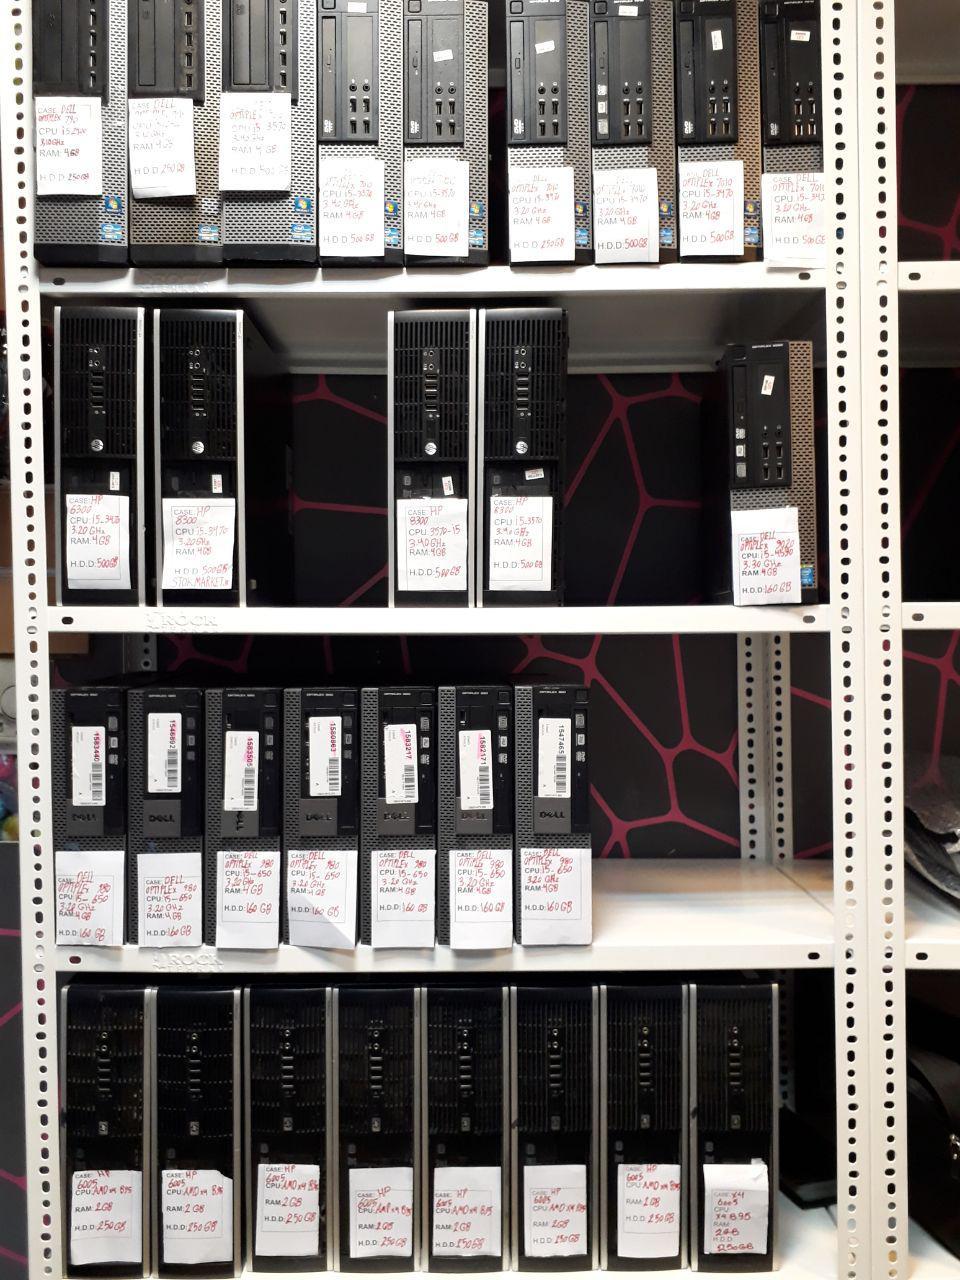 کیس استوک اچ پی مدل HP COMPAQ ELITE 8300